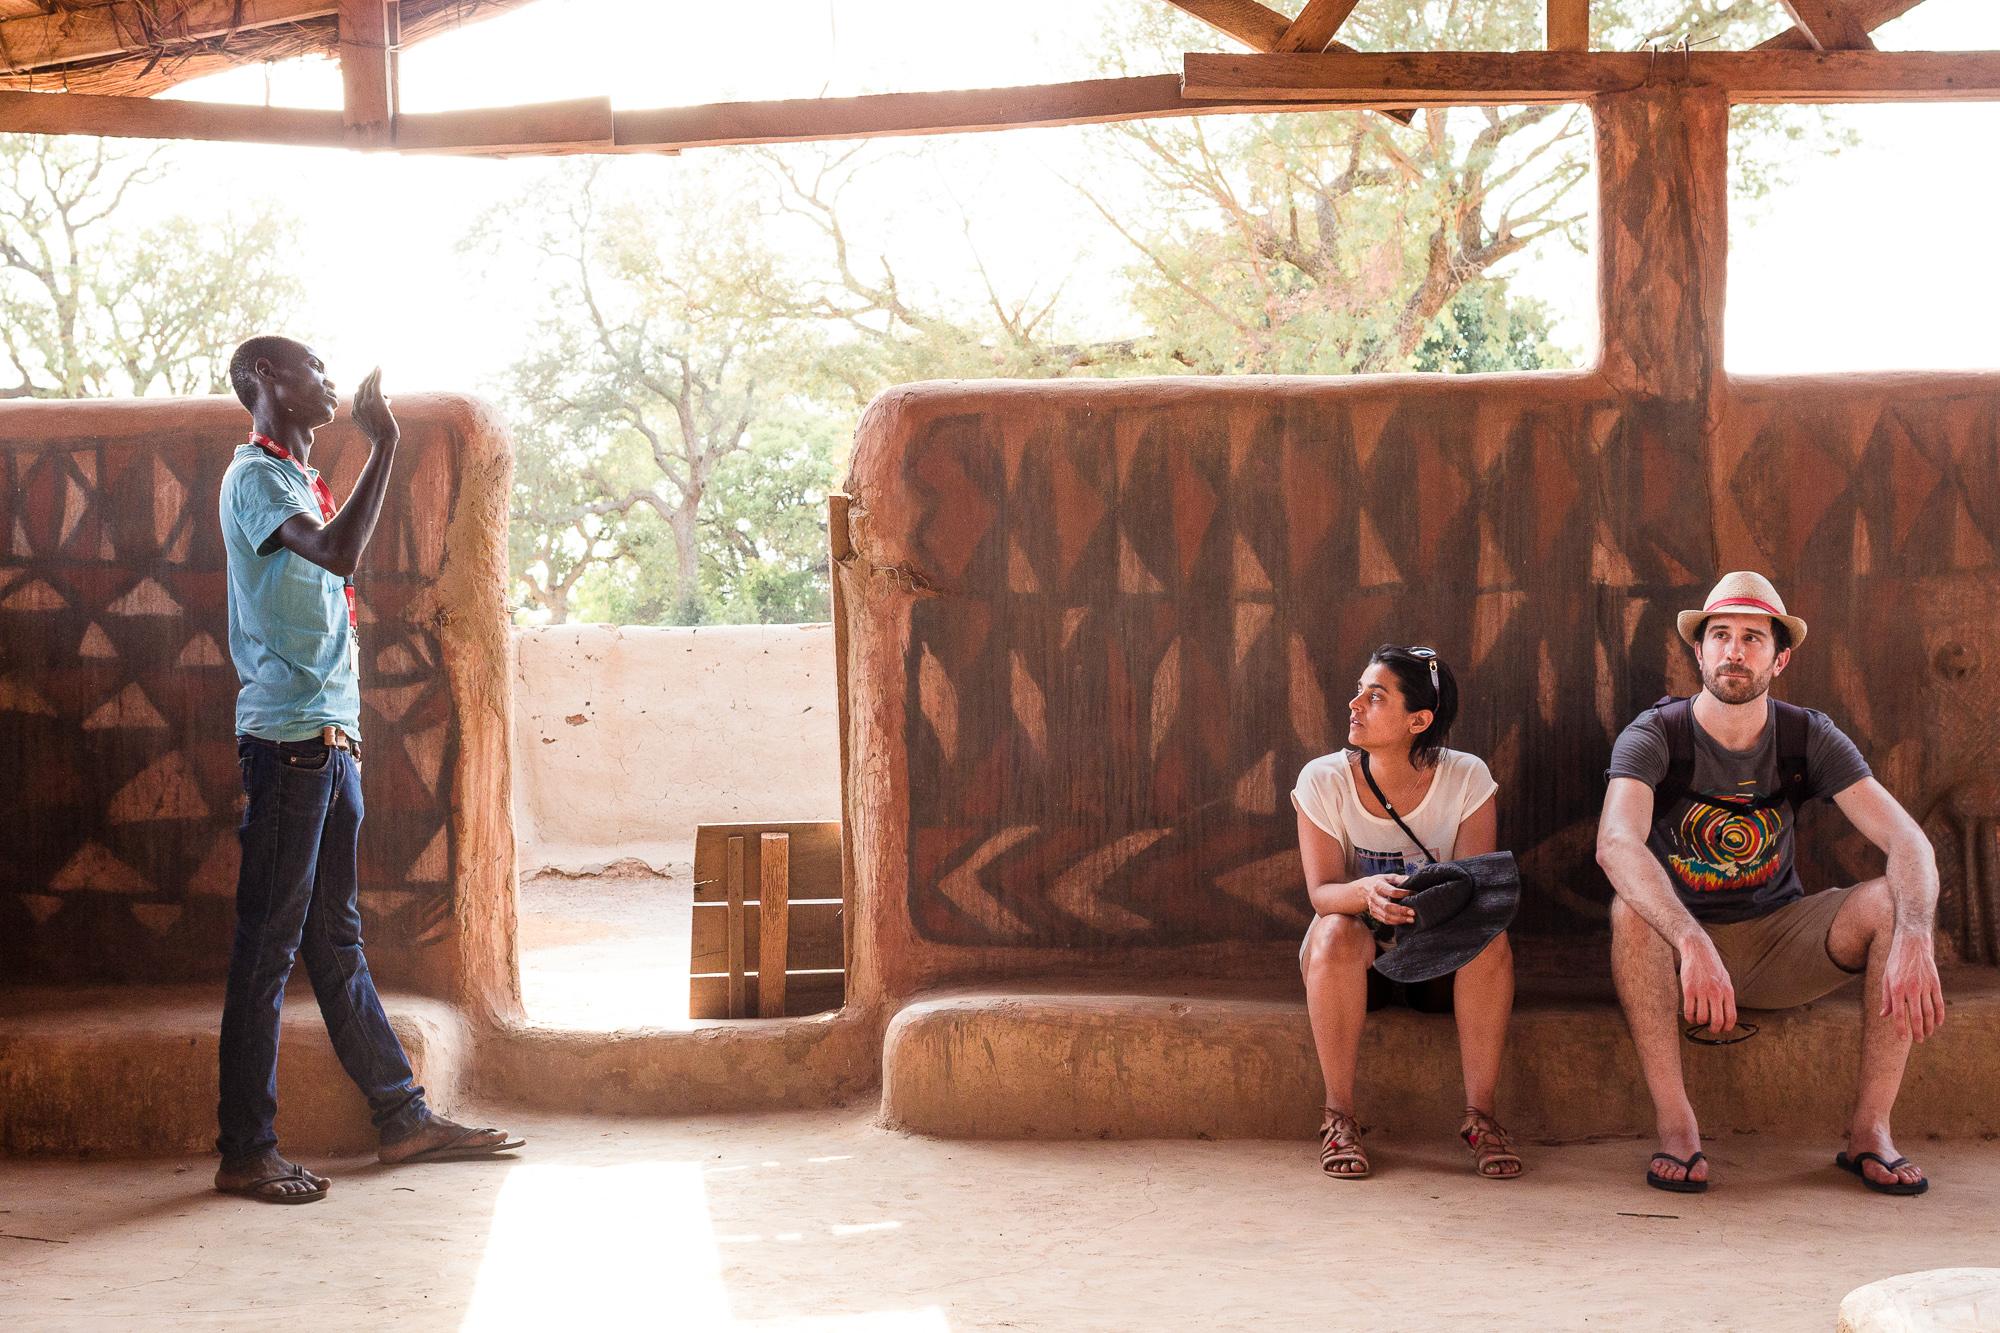 En train d'écouter les explications du guide, région de Tiébélé, Burkina Faso